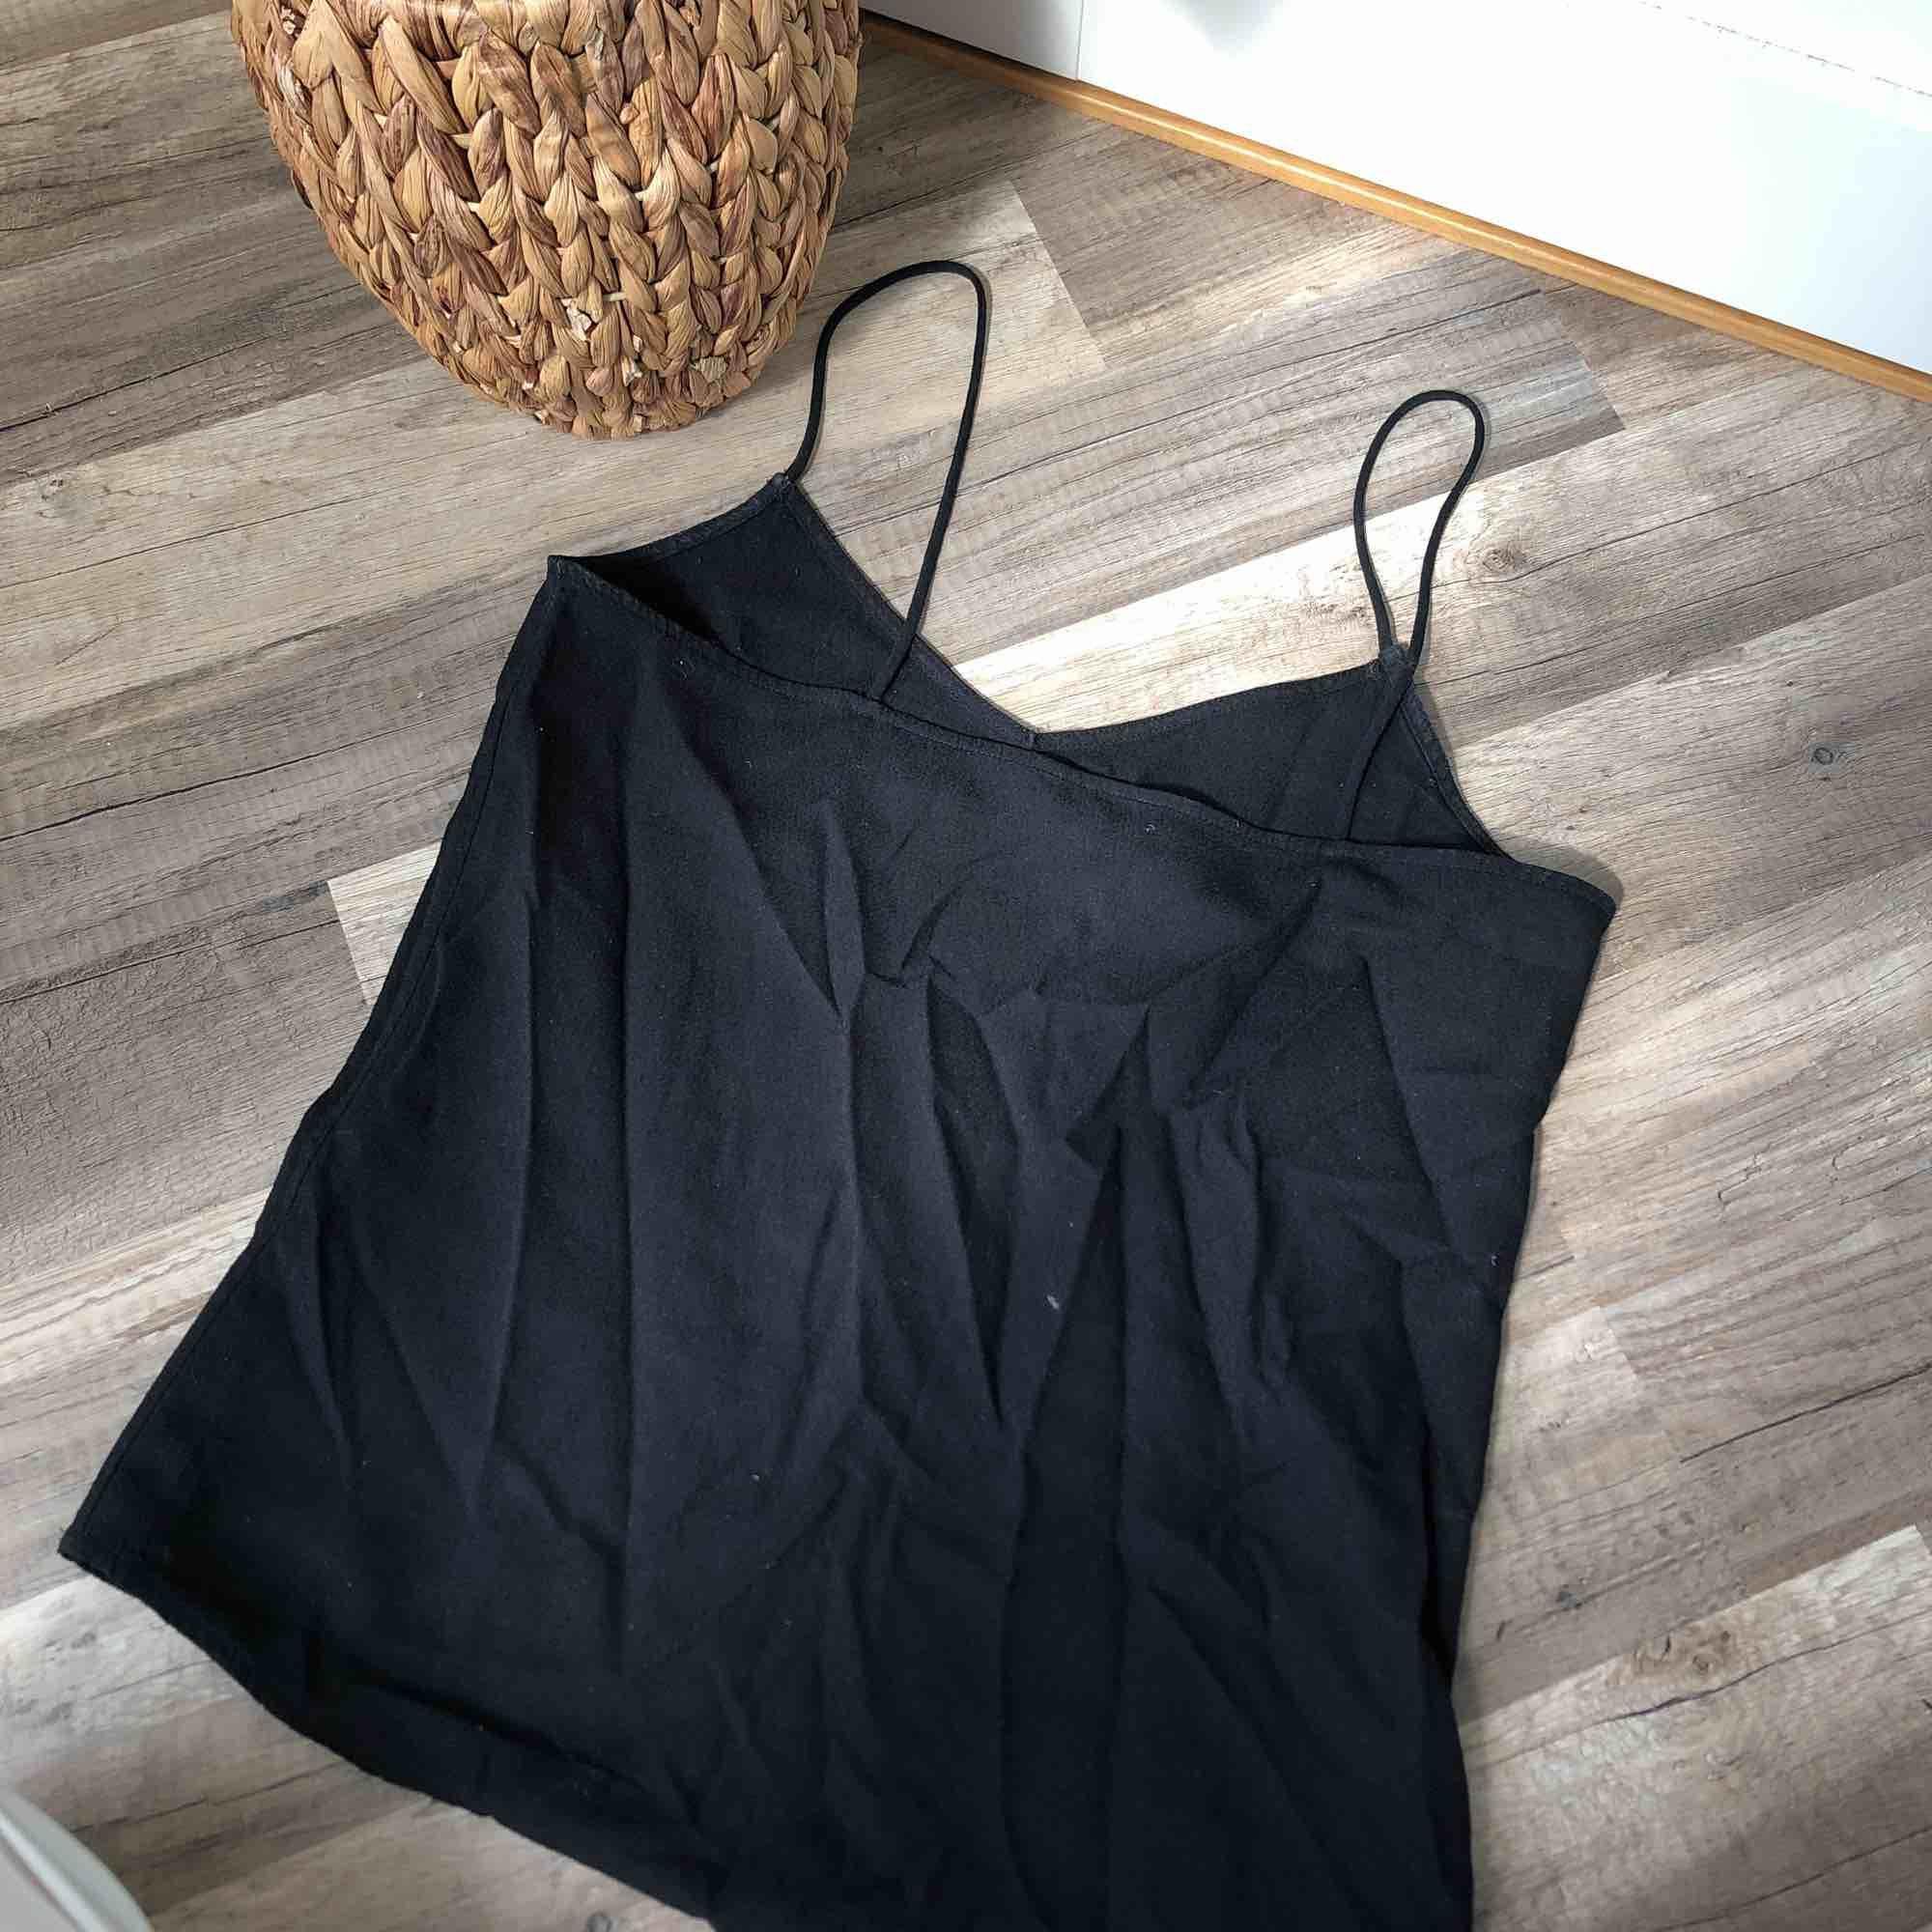 Superfint linne i jättebra kvalité 🌞 20 kr frakt. Toppar.